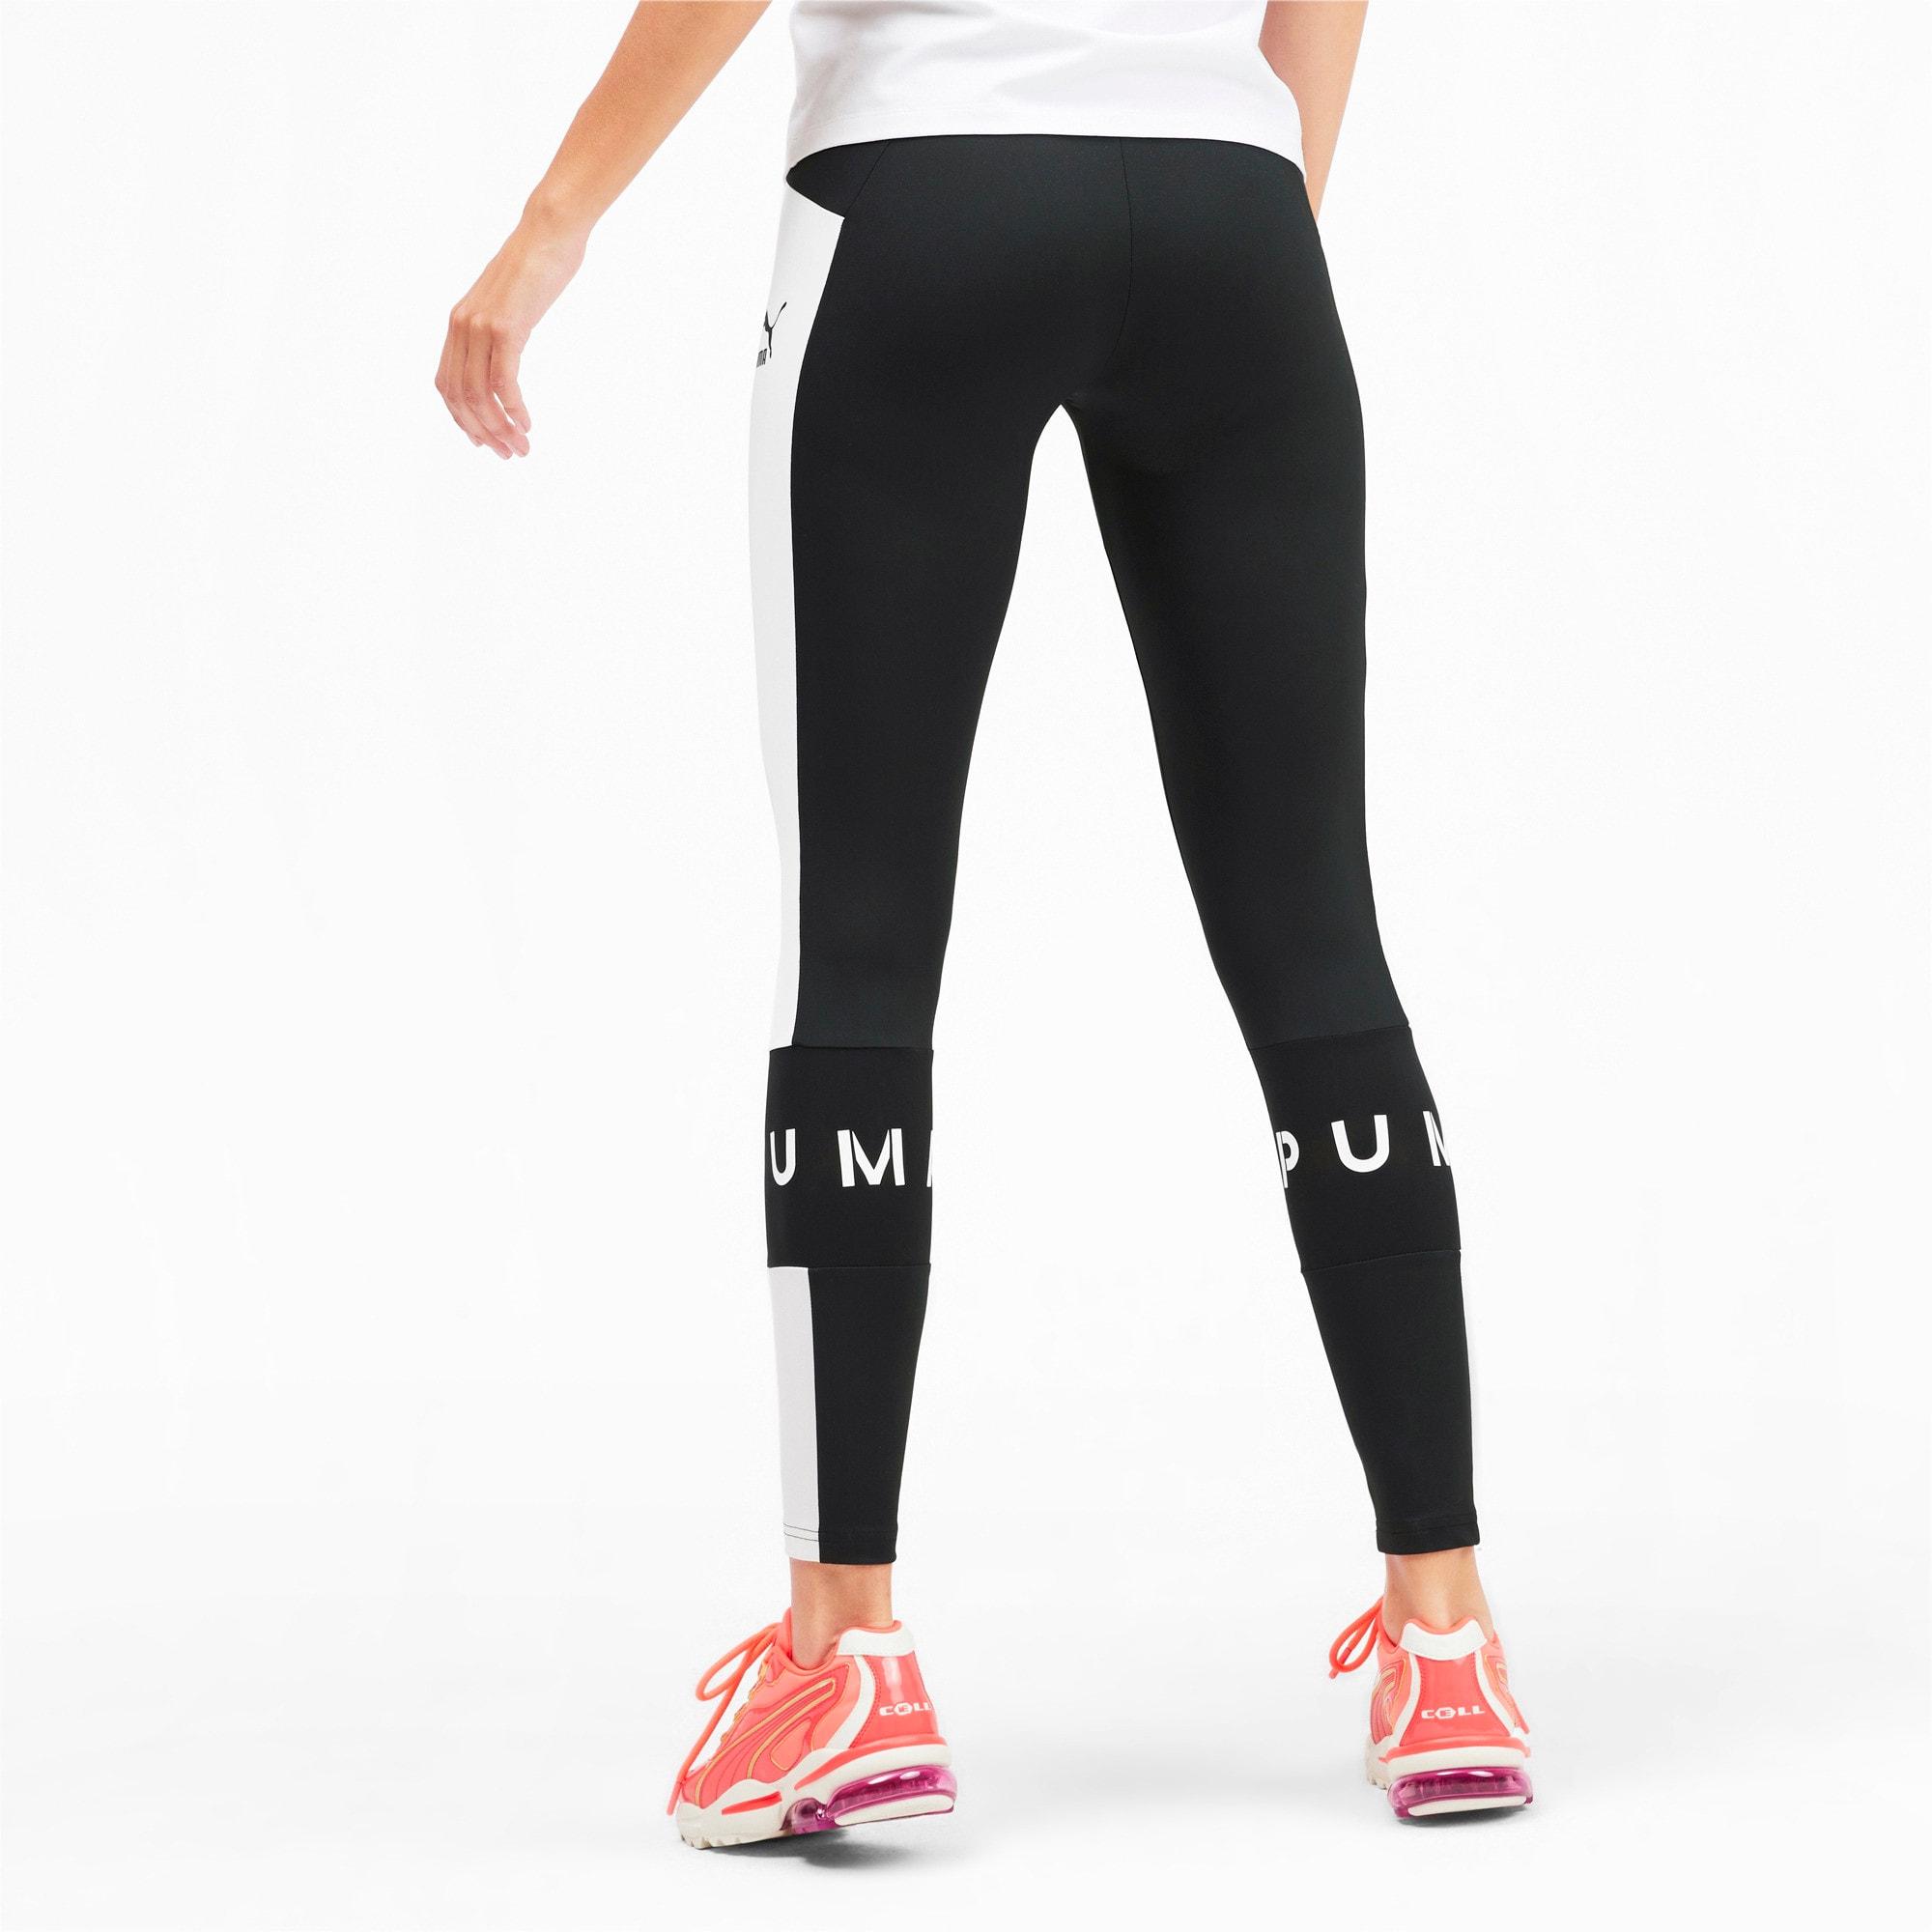 Thumbnail 2 of PUMA XTG legging voor dames, Puma Black, medium